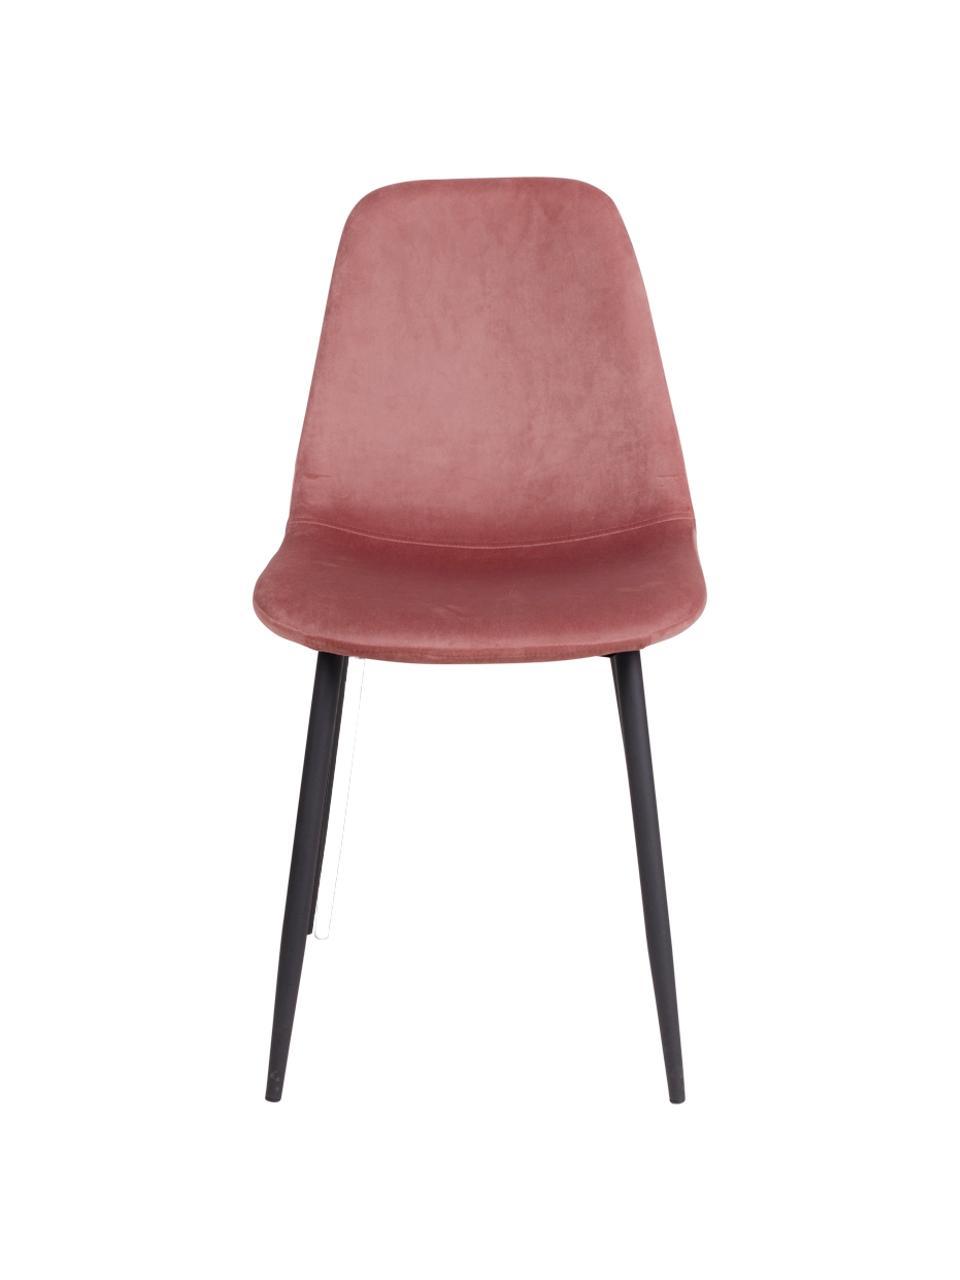 Sedia imbottita in velluto Stockholm, Rivestimento: velluto 25.000 cicli di s, Piedini: metallo verniciato, Rosa, Larg. 50 x Alt. 47 cm